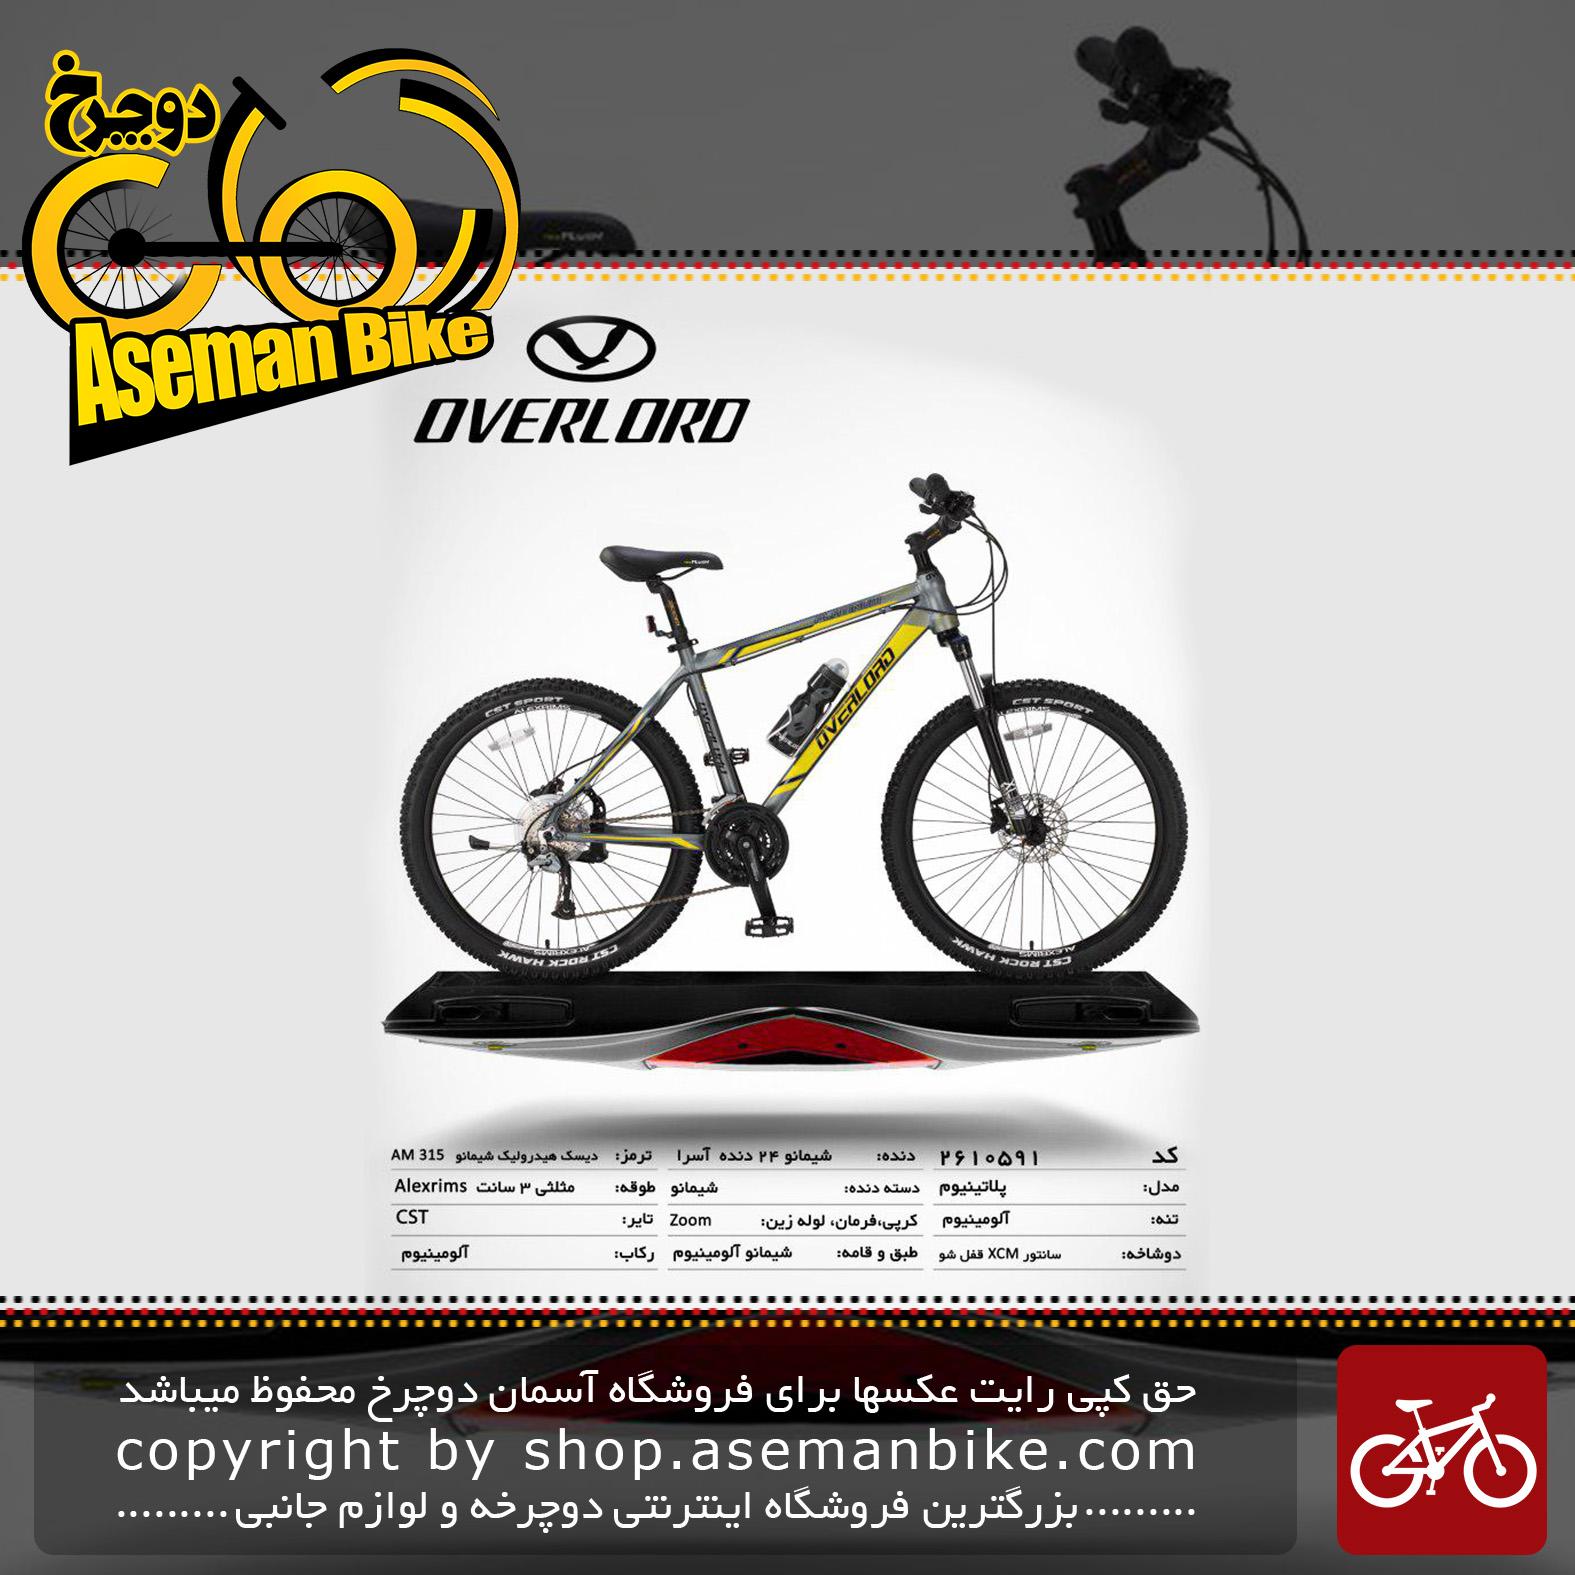 دوچرخه کوهستان شهری اورلرد مدل پلاتینیوم 24 دنده شیمانو آسرا سایز 26 ساخت تایوان OVERLORD Mountain City Taiwan Bicycle PLATINUM 27.5 2019